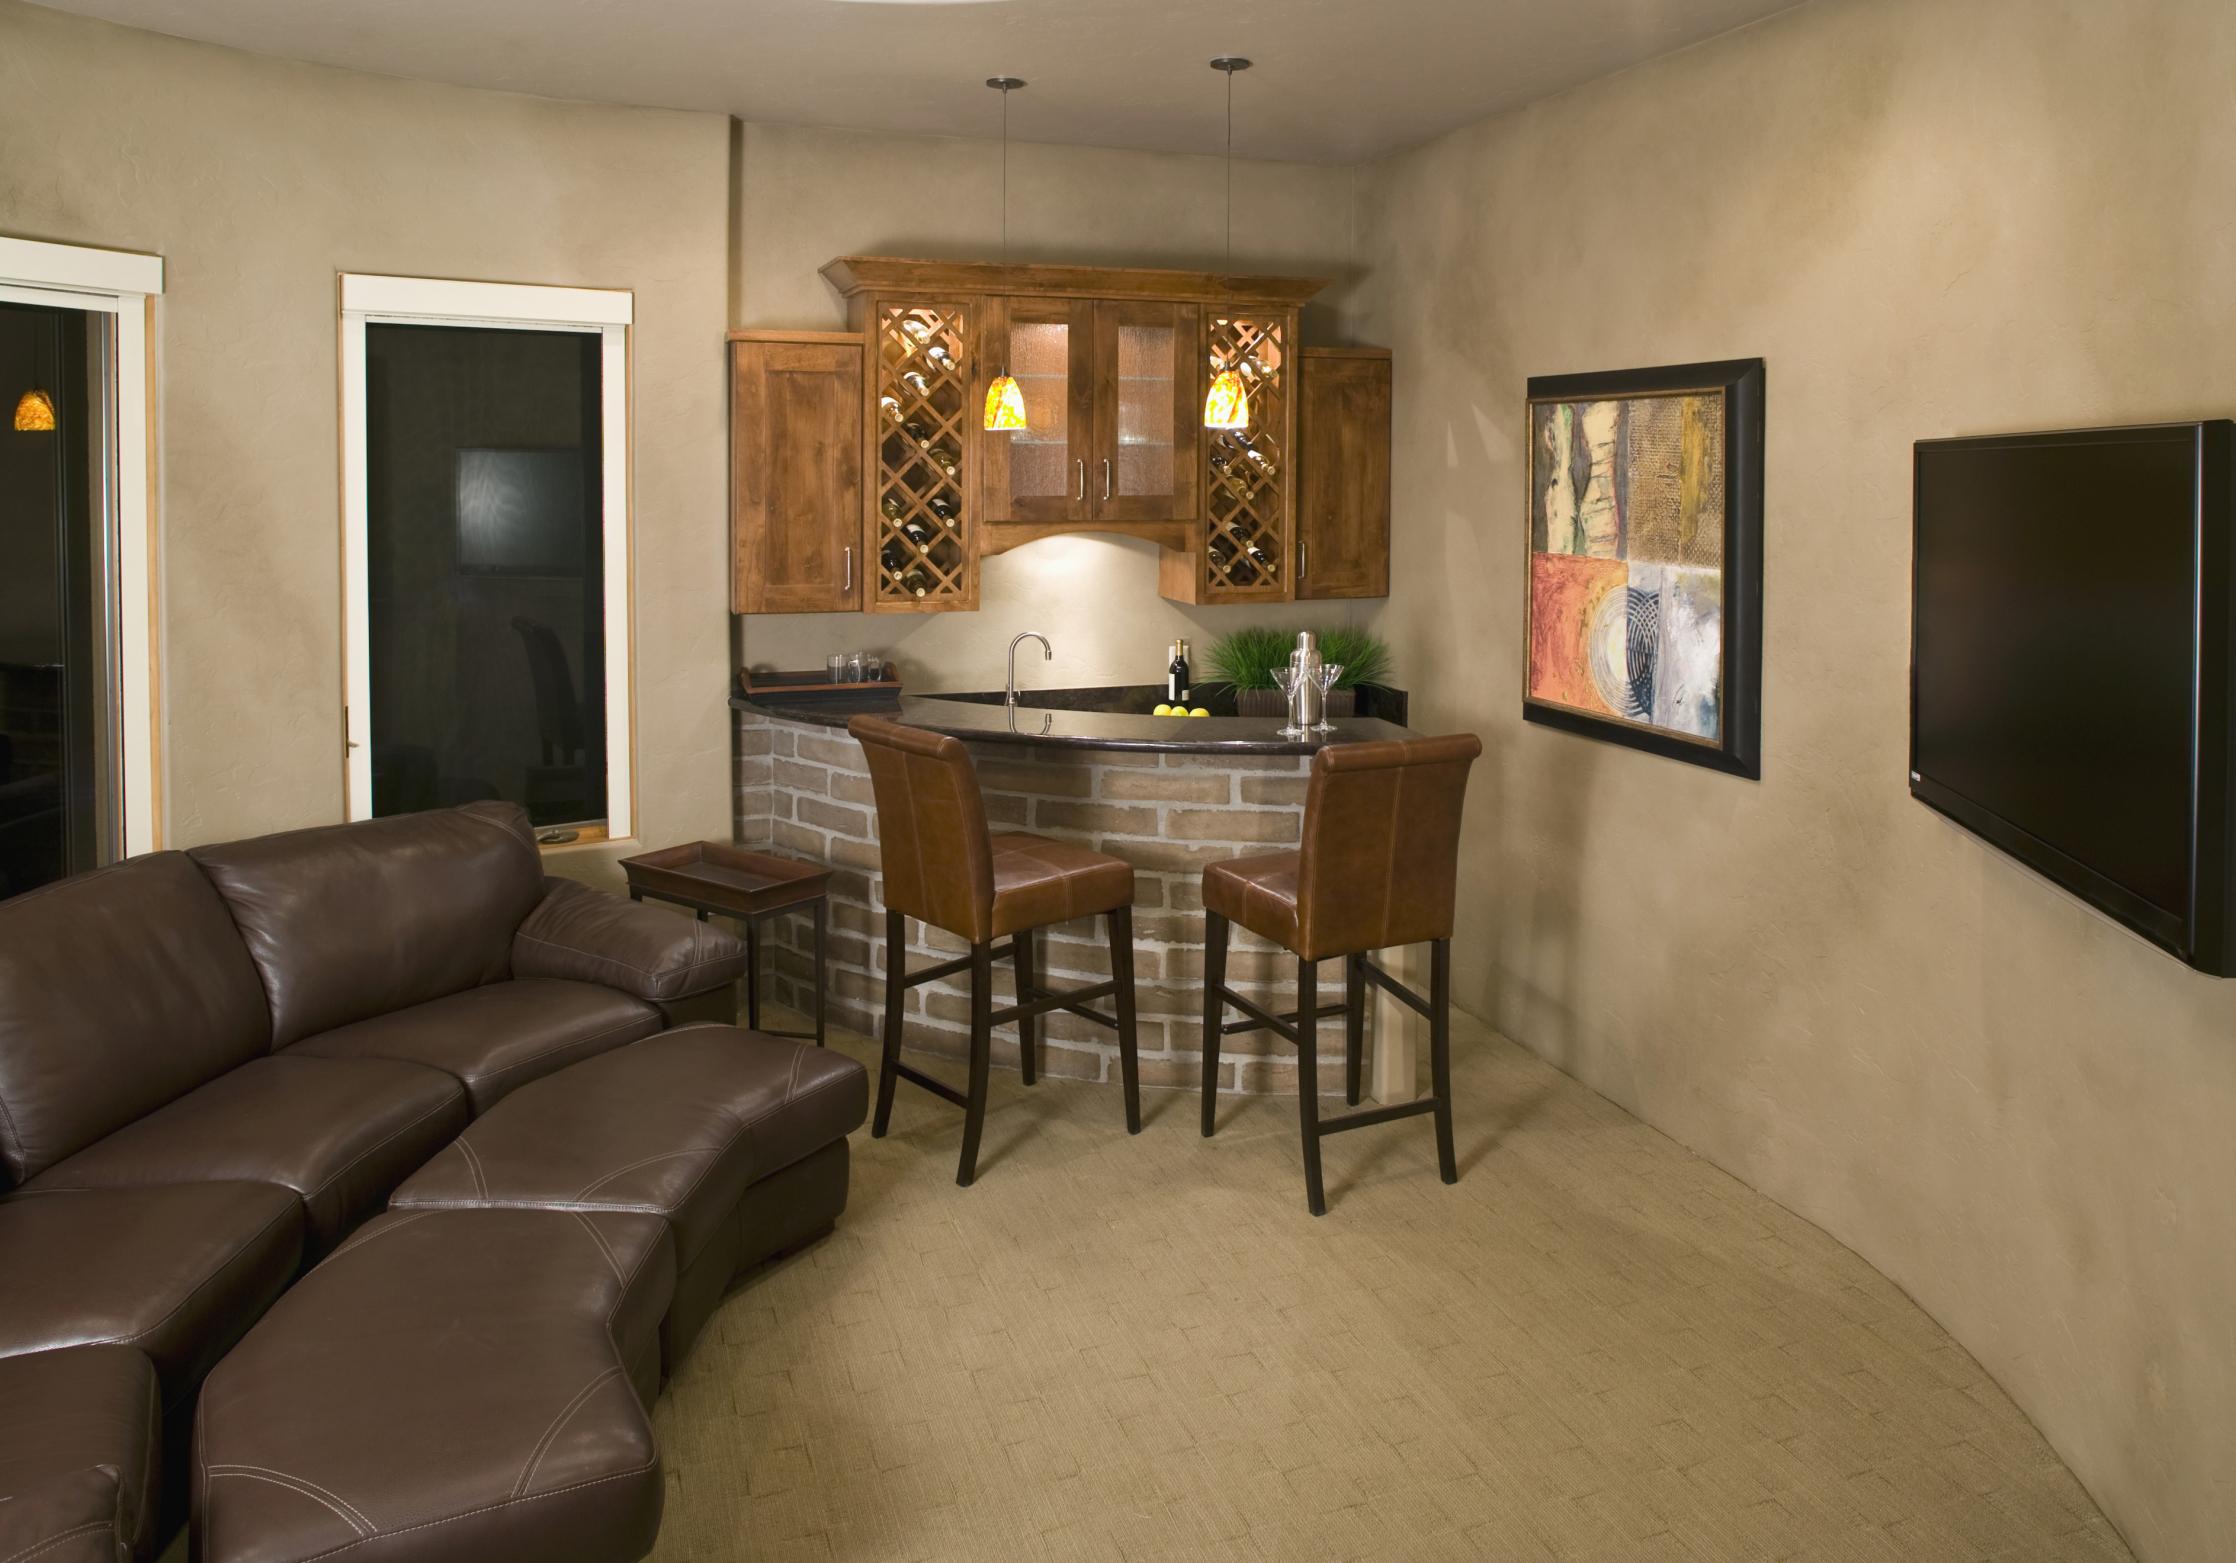 Ajustes de calibraci n recomendados para el sony bravia - Programas de tv de decoracion de interiores ...